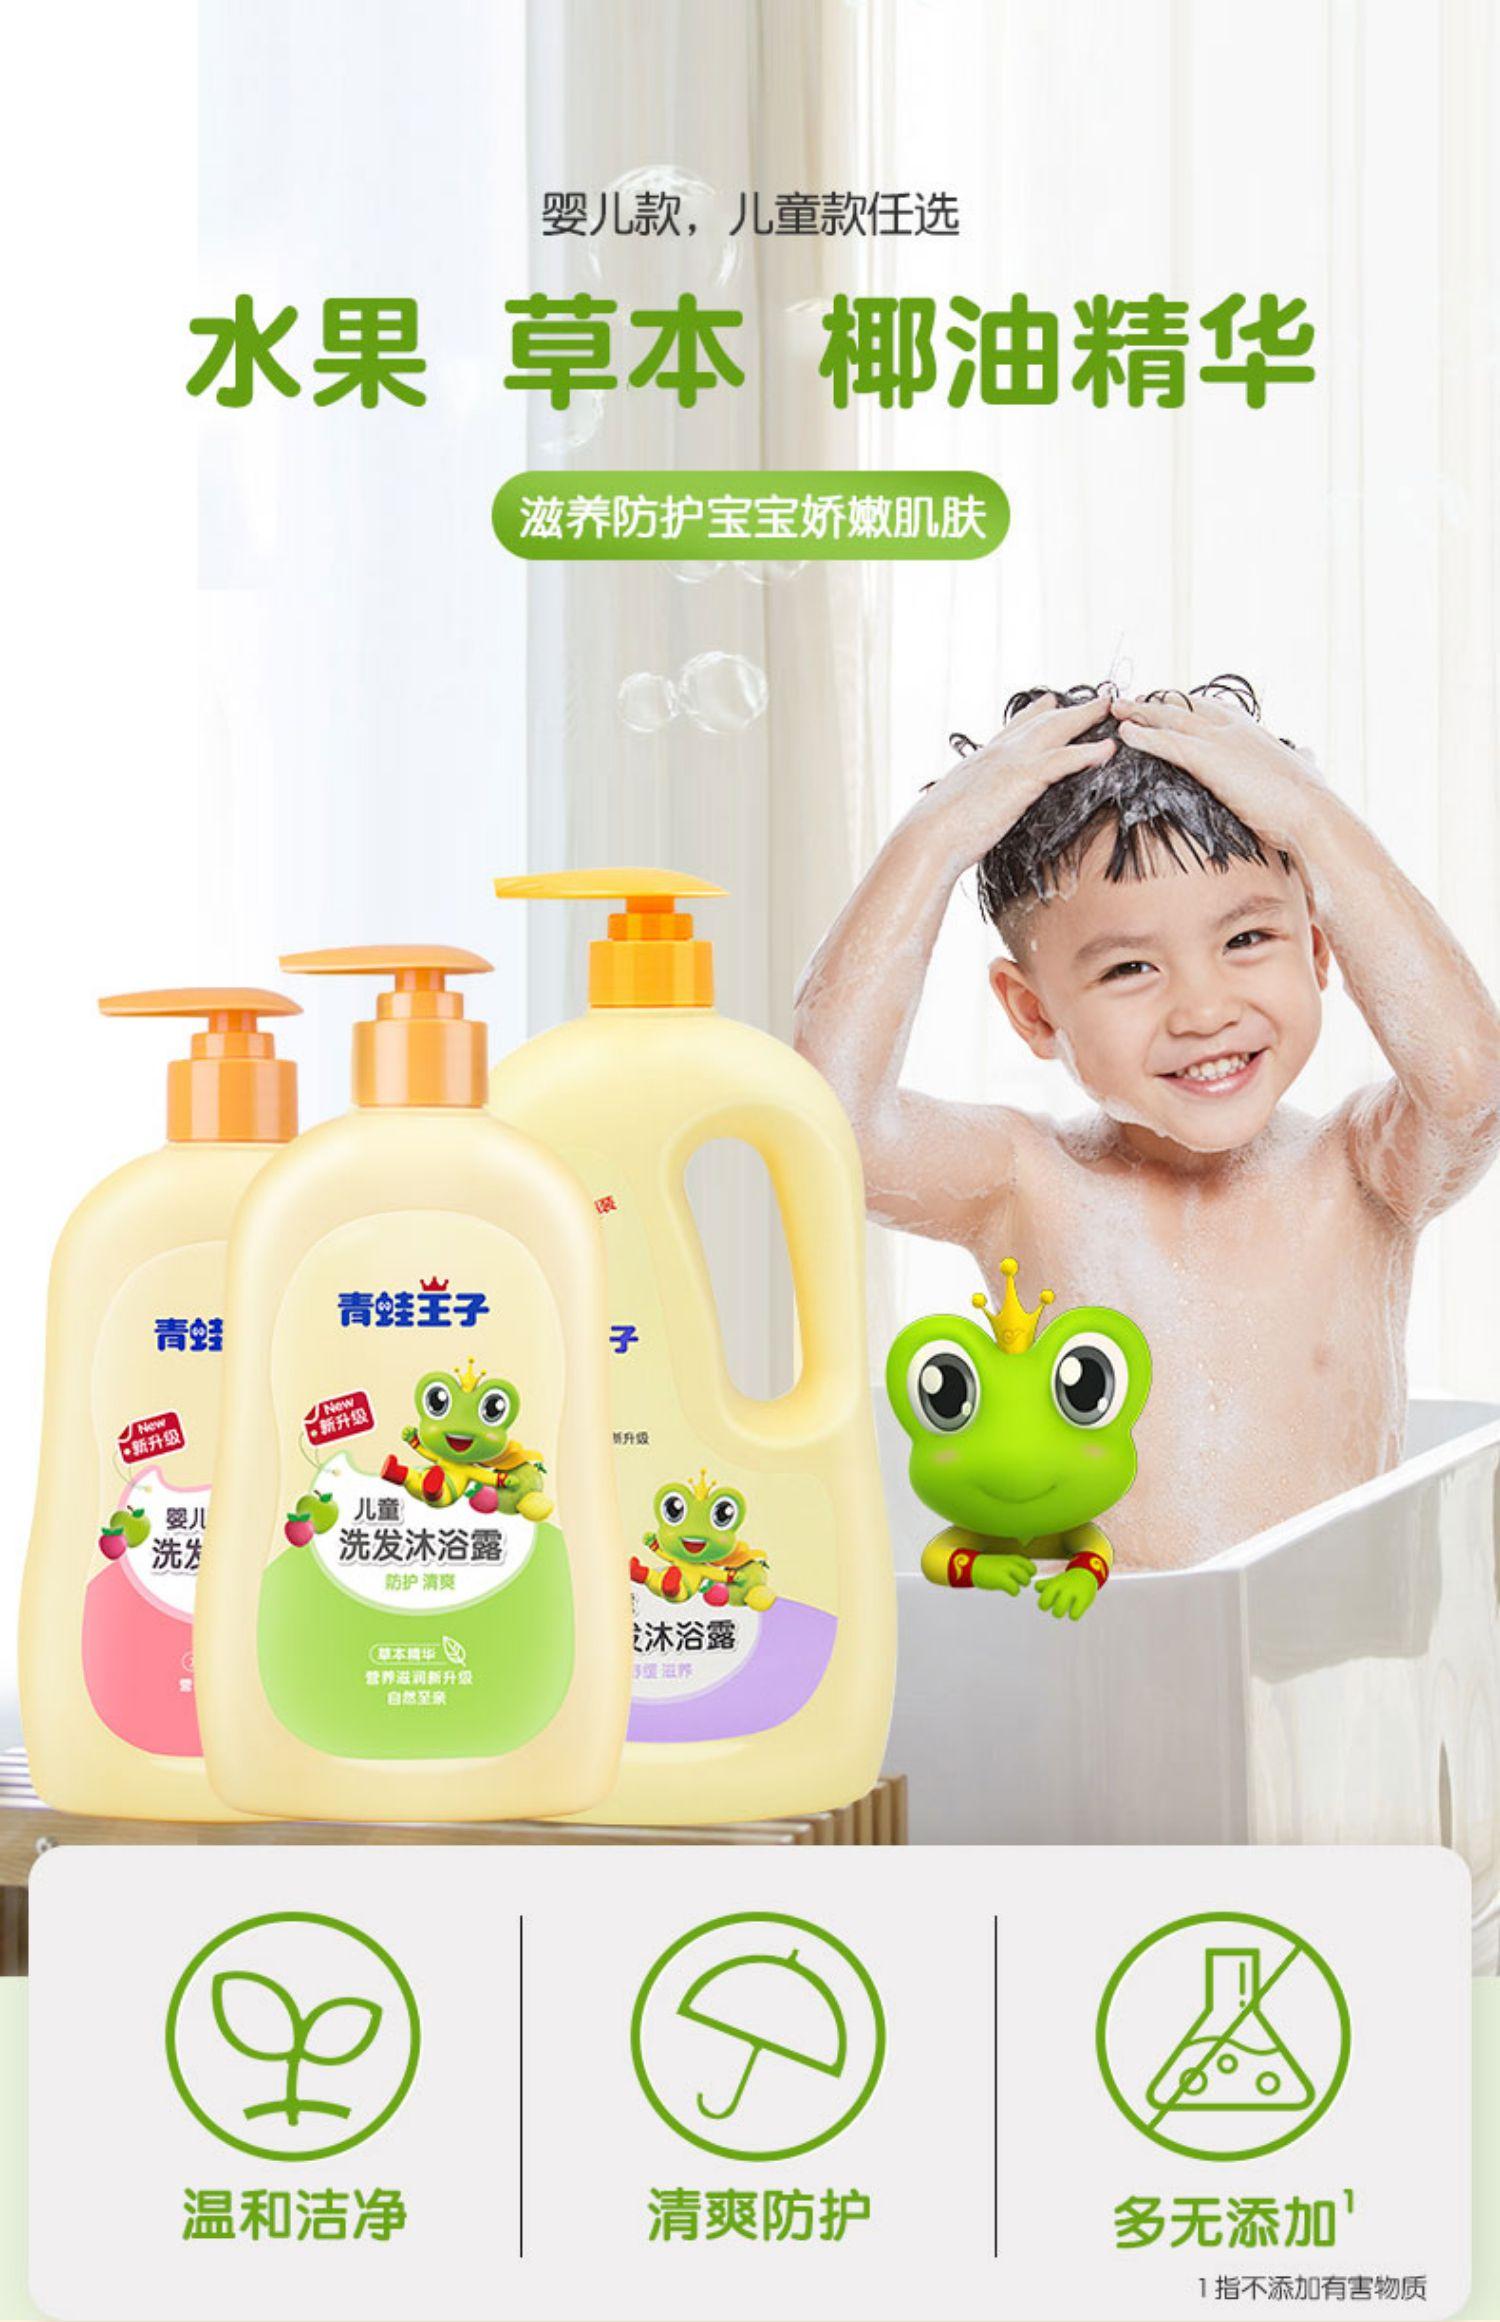 【青蛙王子】二合一洗发沐浴露